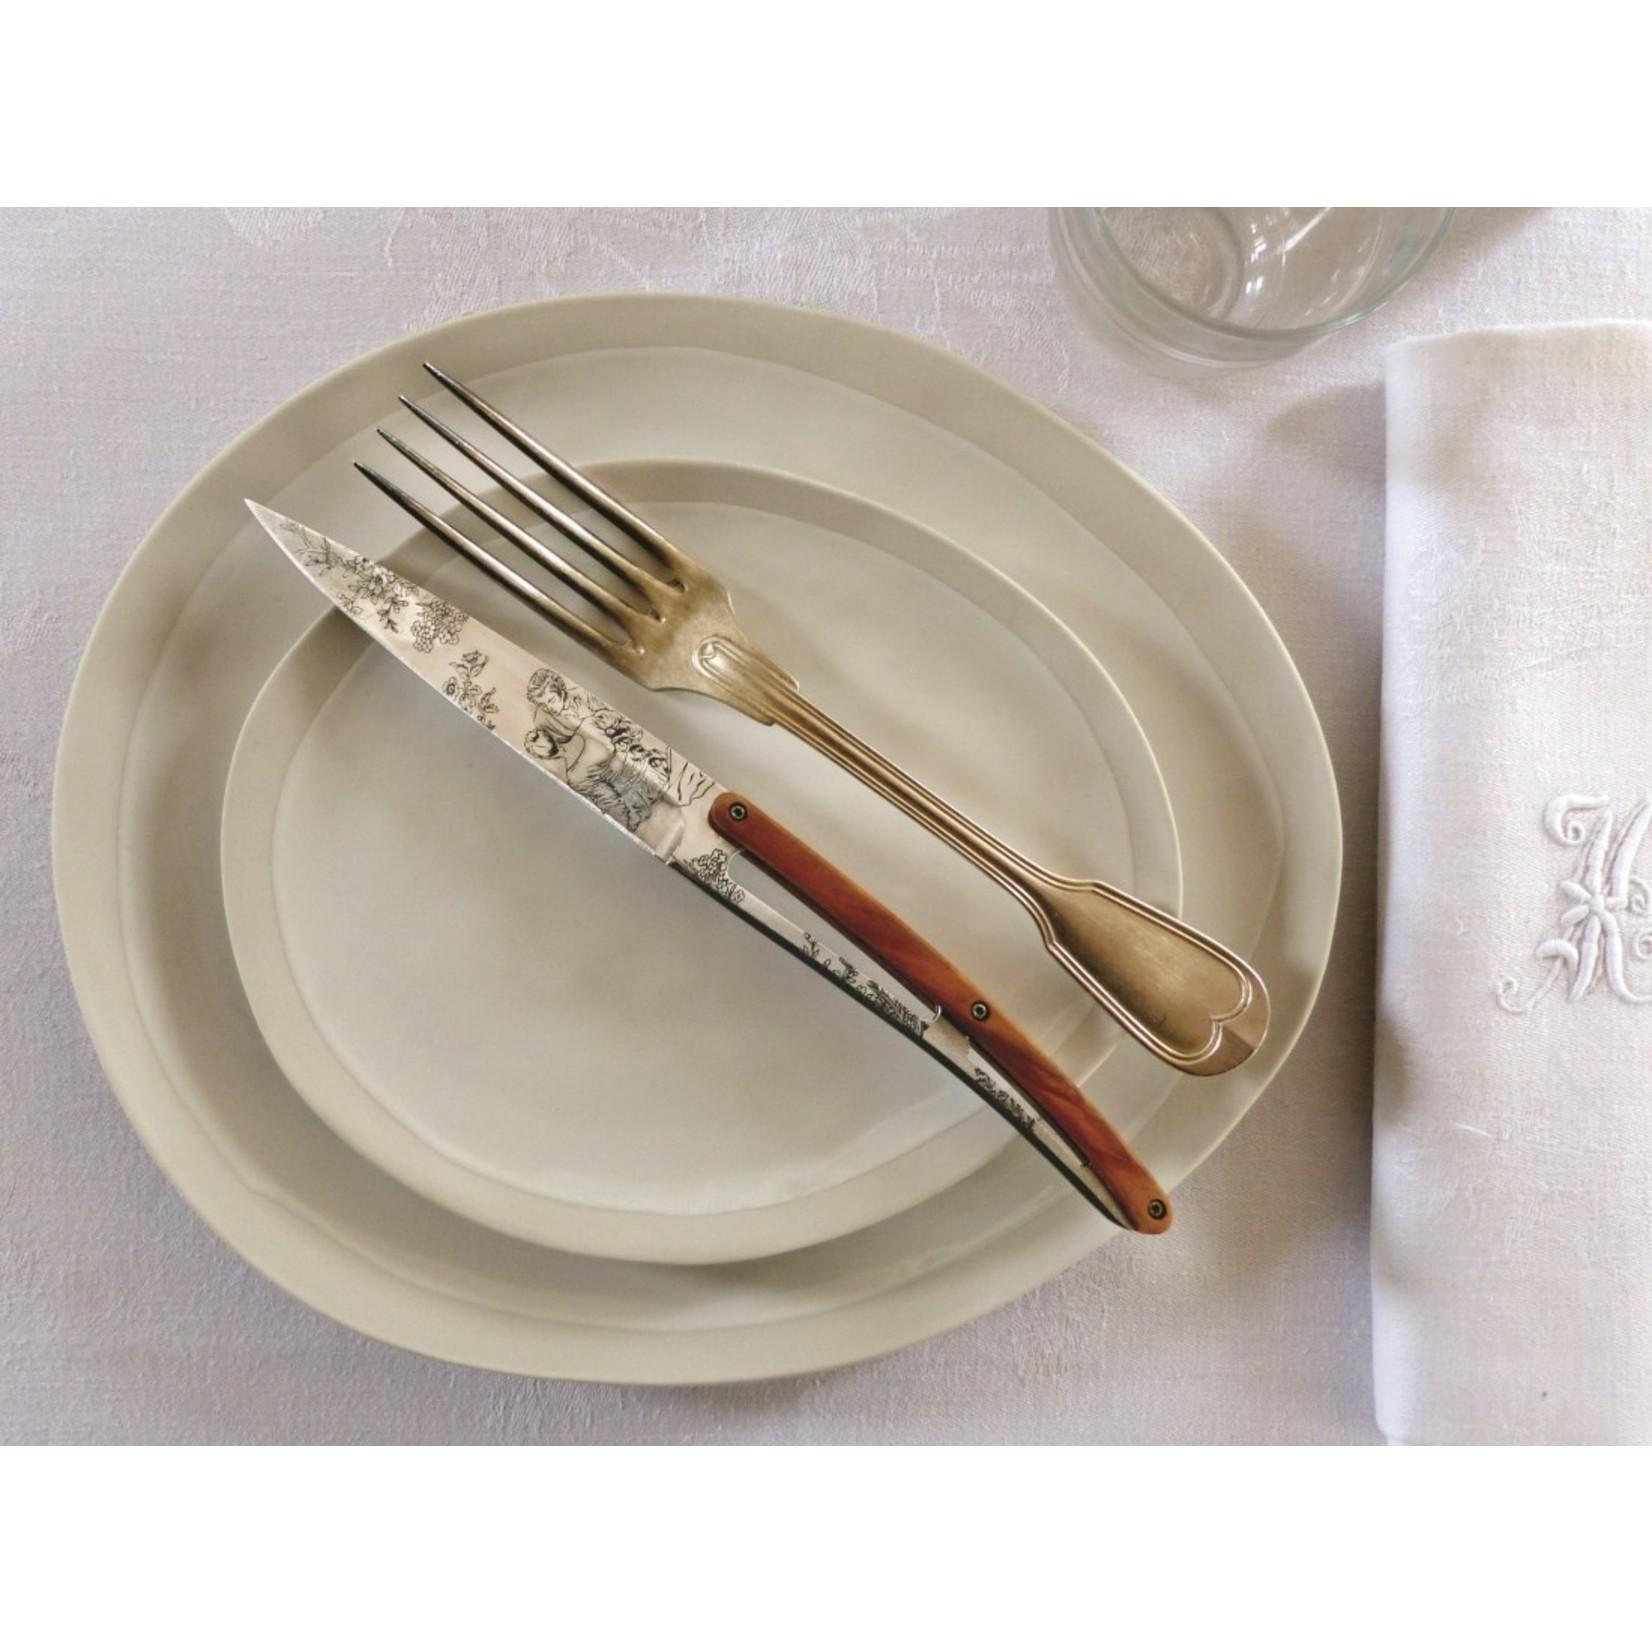 Deejo Deejo Steakmessenset 6-delig Toile de Jouy mirror finish